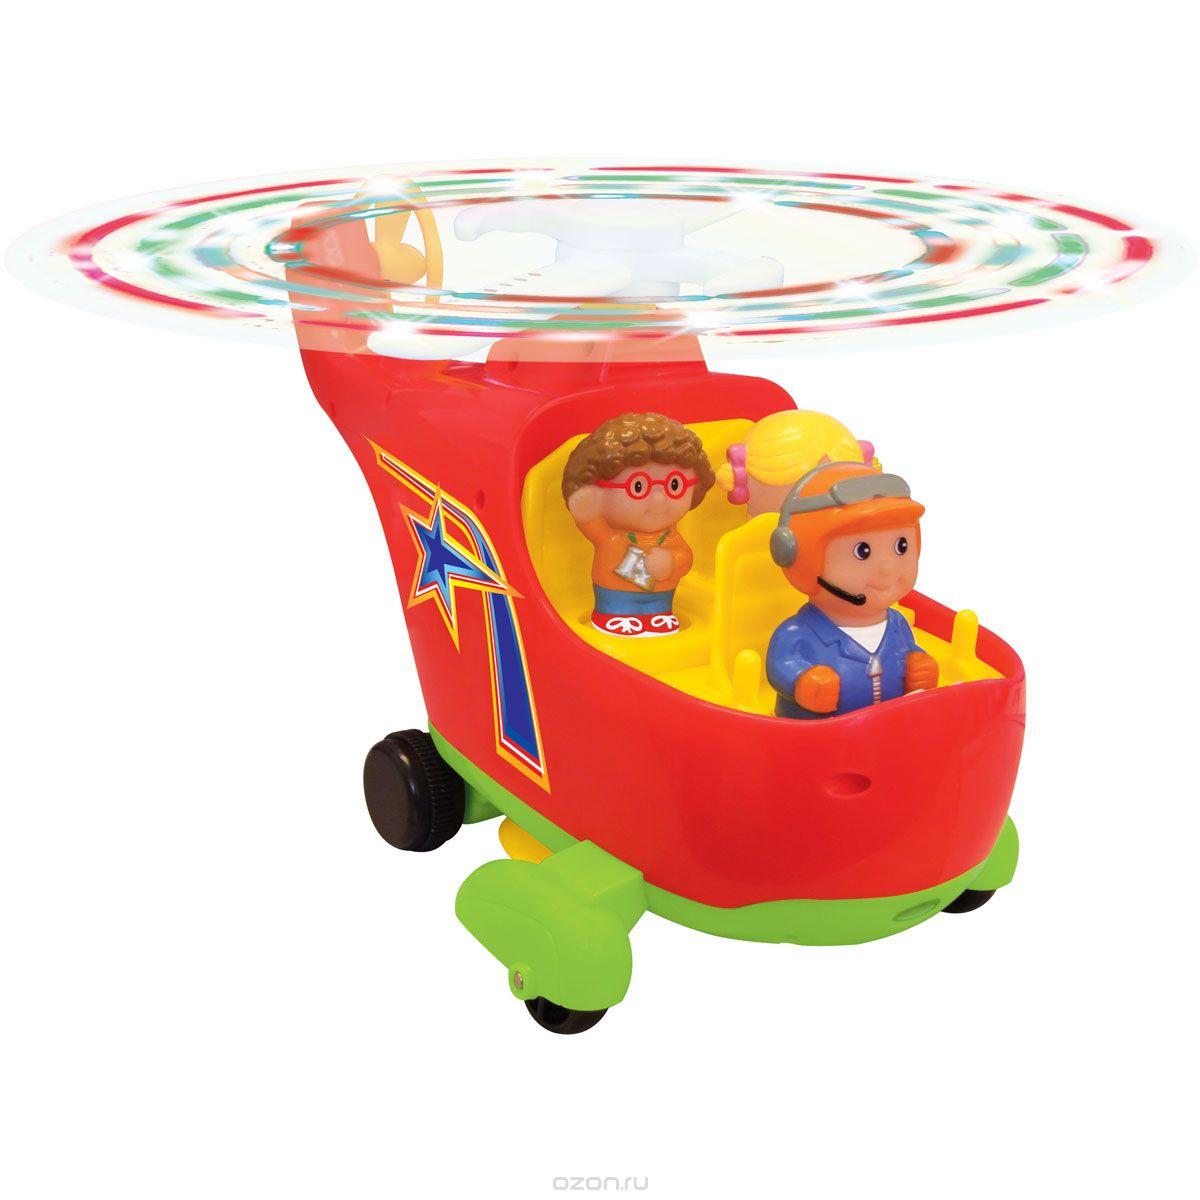 Kiddieland Развивающая игрушка Вертолет - Транспорт, машинки